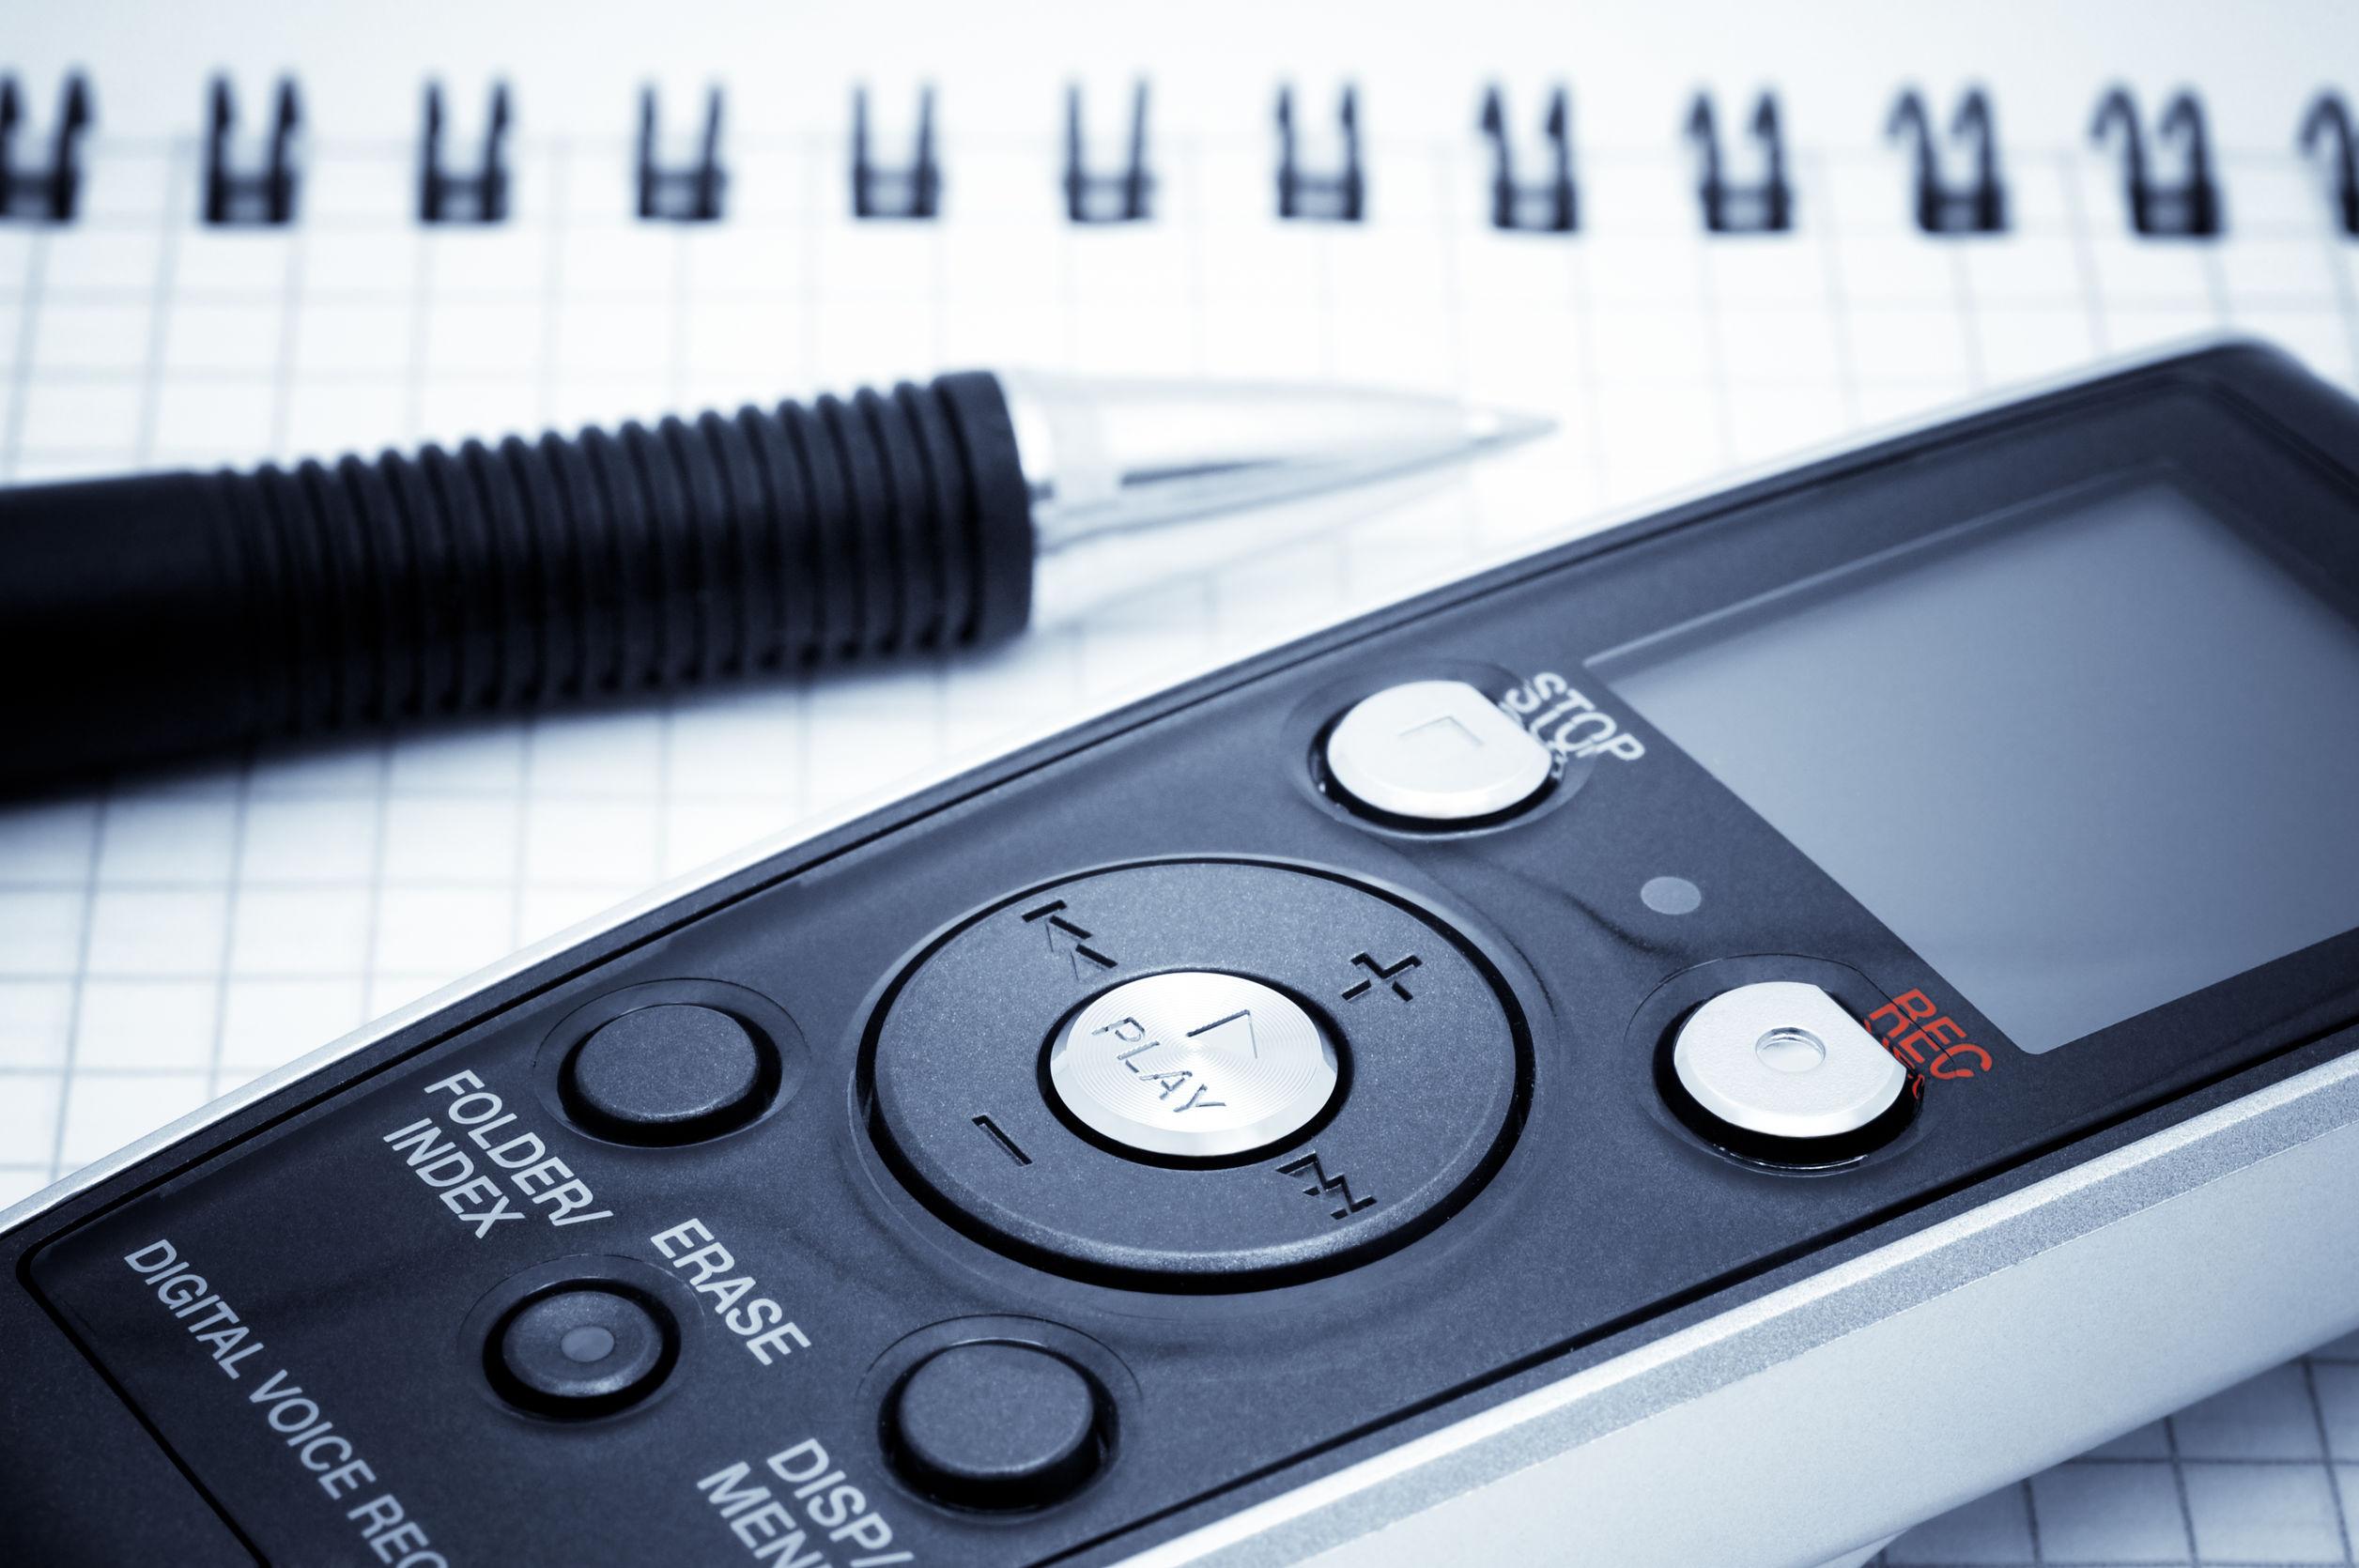 Miglior registratore vocale 2020: Guida all'acquisto